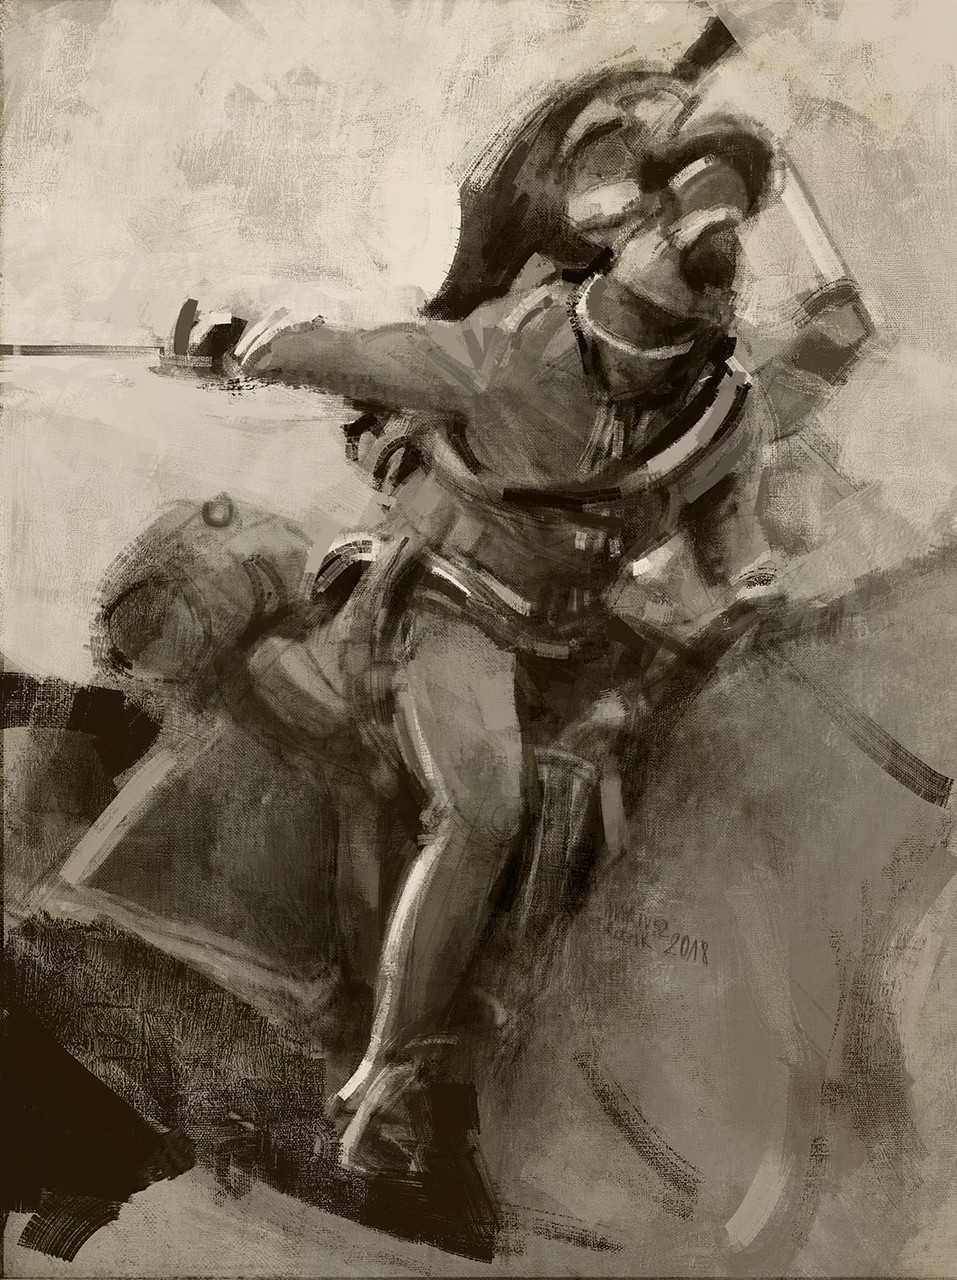 Mariusz kozik dragoon d 007